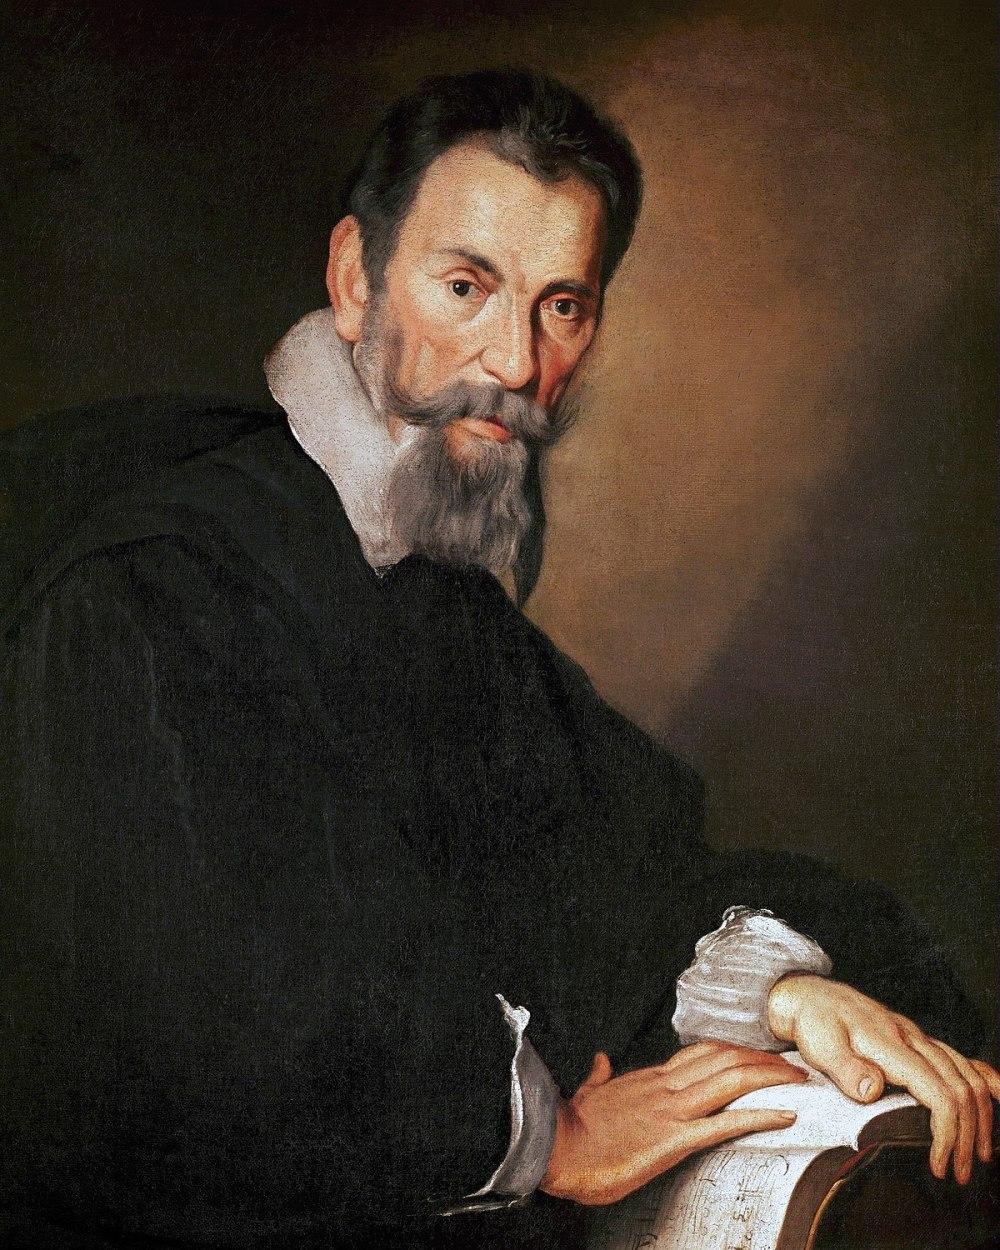 medium resolution of Claudio Monteverdi - Wikipedia